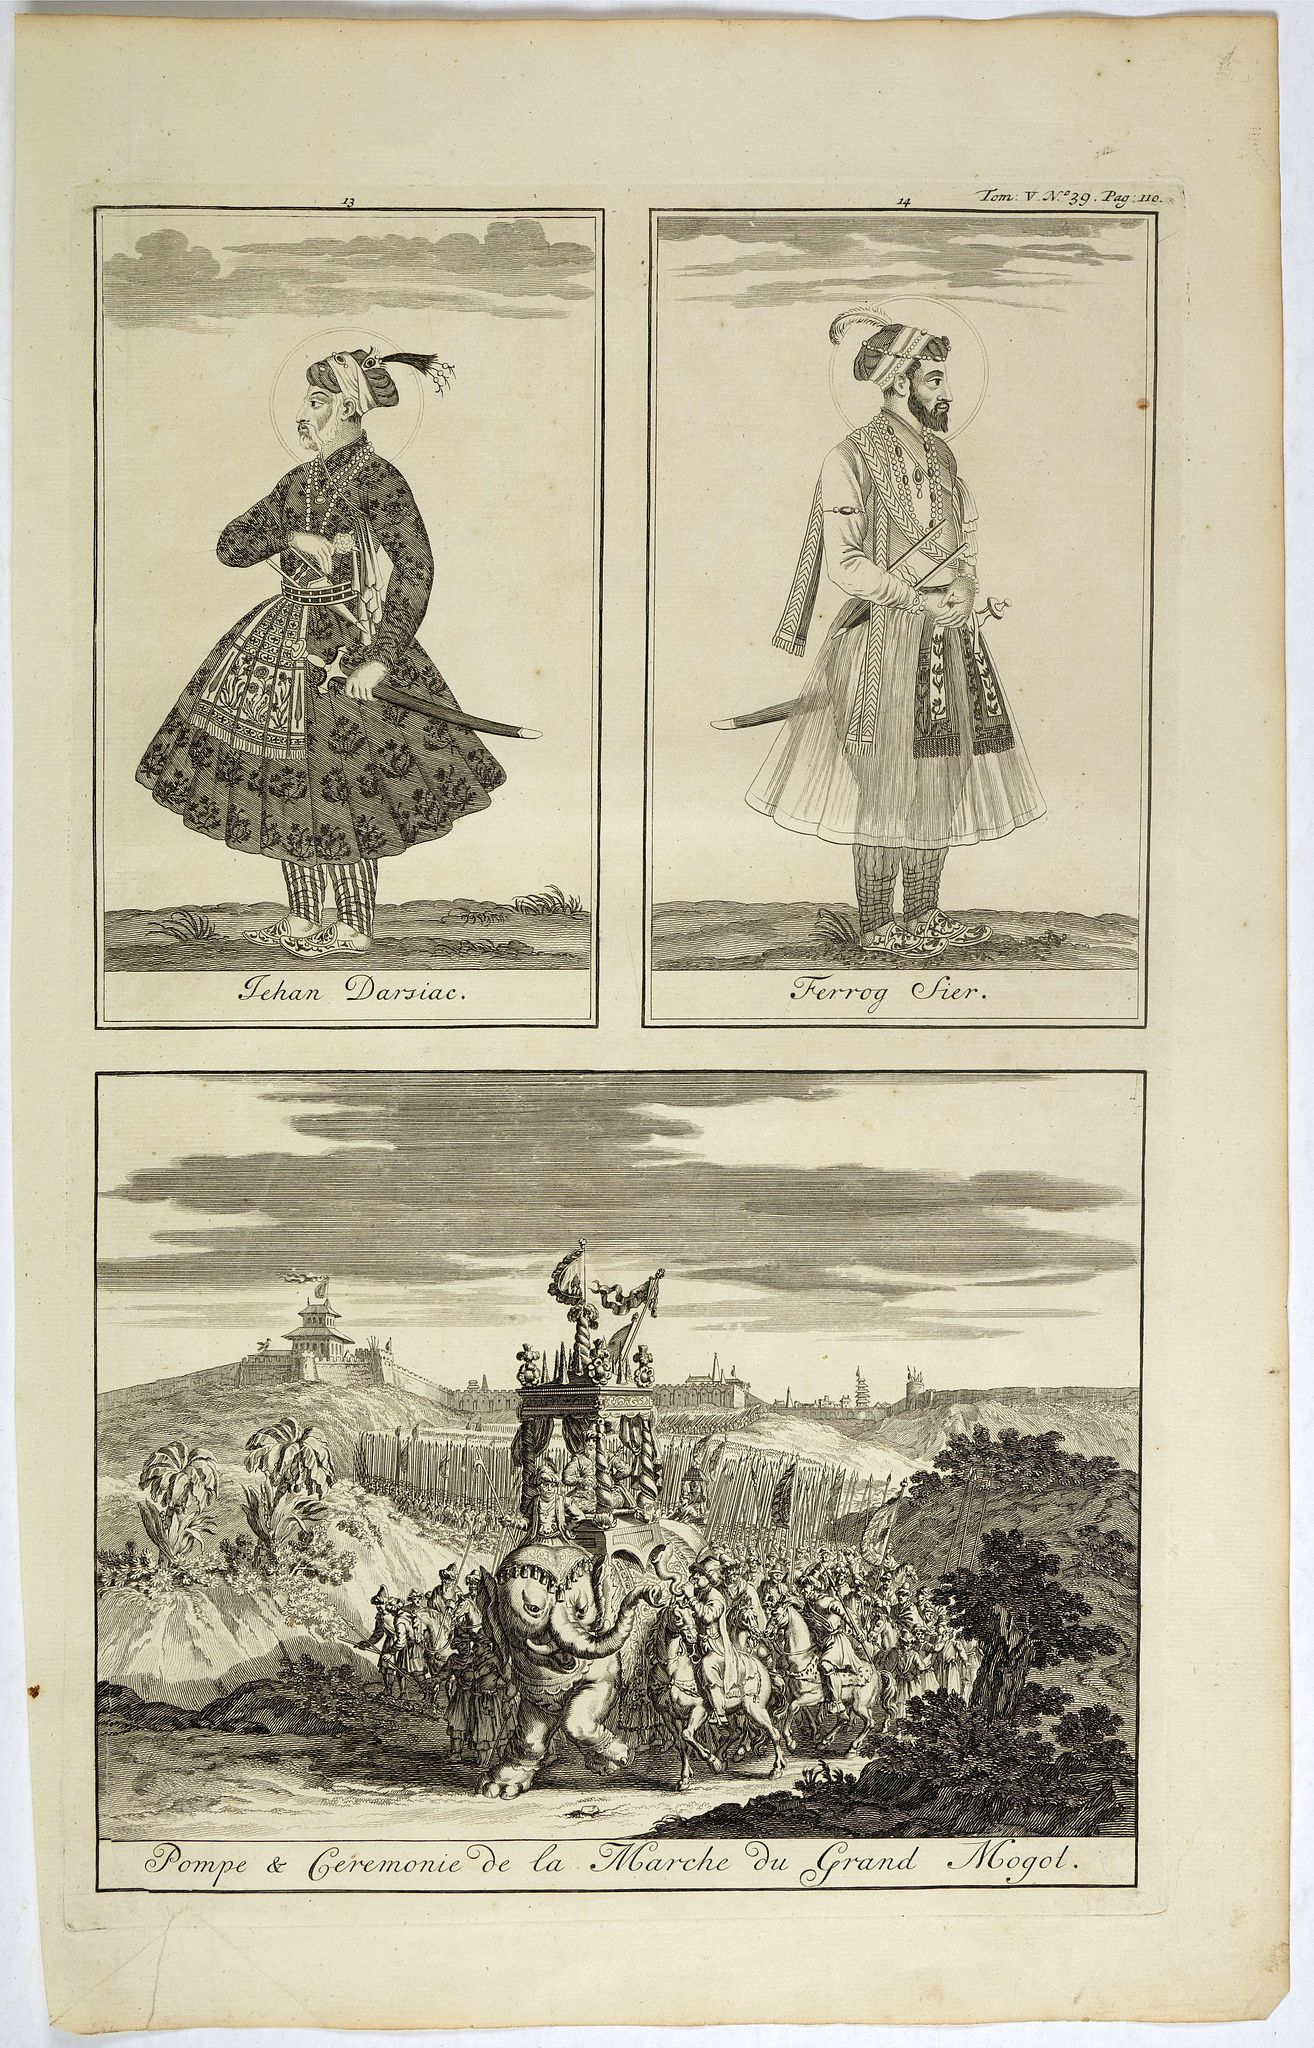 CHATELAIN, H. -  (Ichan Darsiac / Ferroy Sier / Pompe & Cérémonie de la marche du grand Mogol)